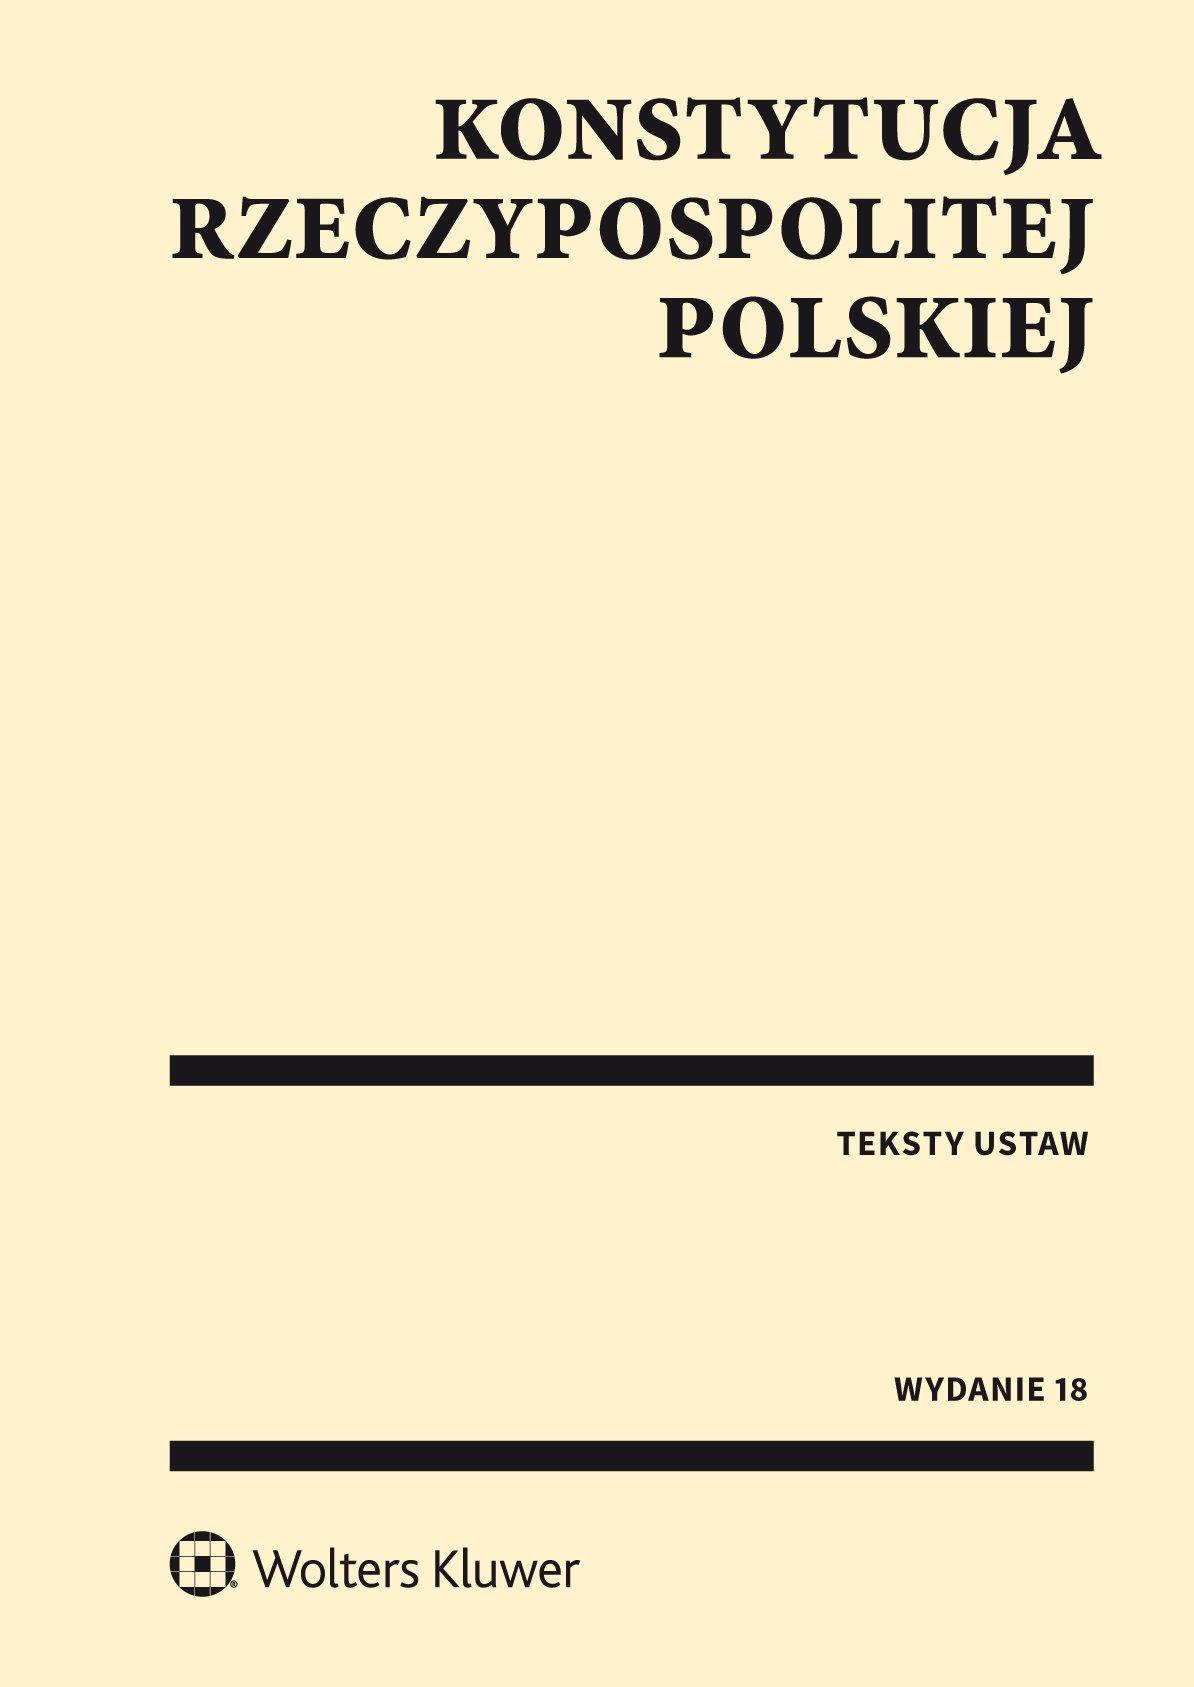 Konstytucja Rzeczypospolitej Polskiej. Przepisy - Ebook (Książka EPUB) do pobrania w formacie EPUB